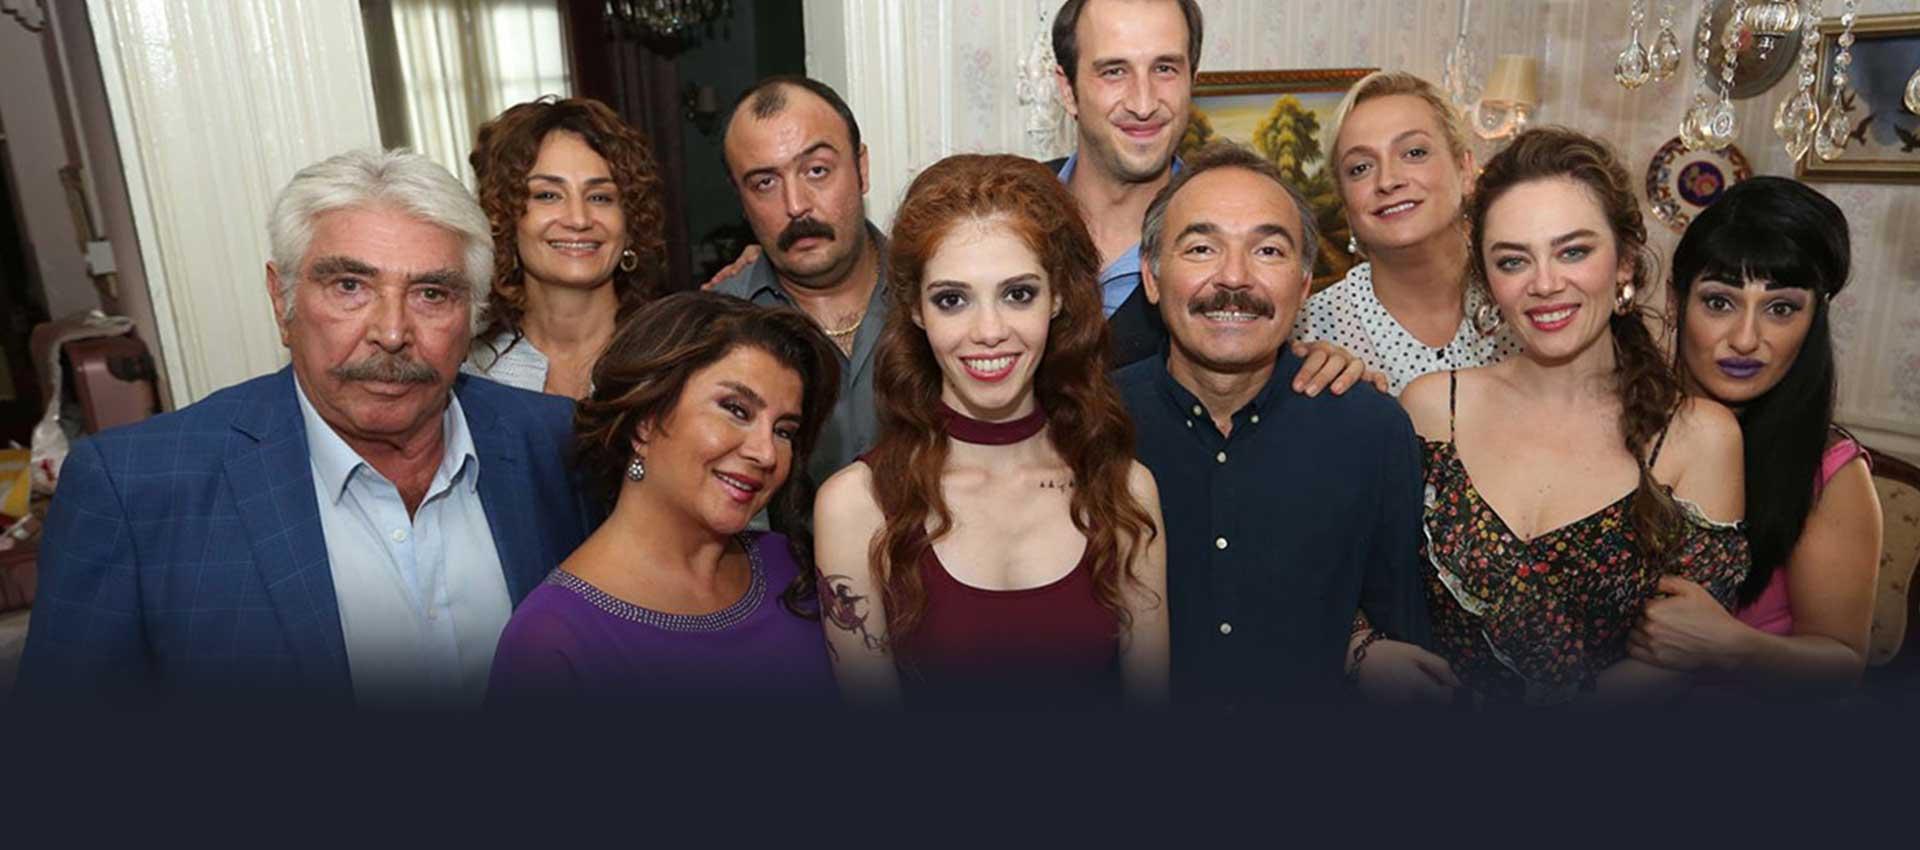 Aile Arasında türkçe izle hd izle